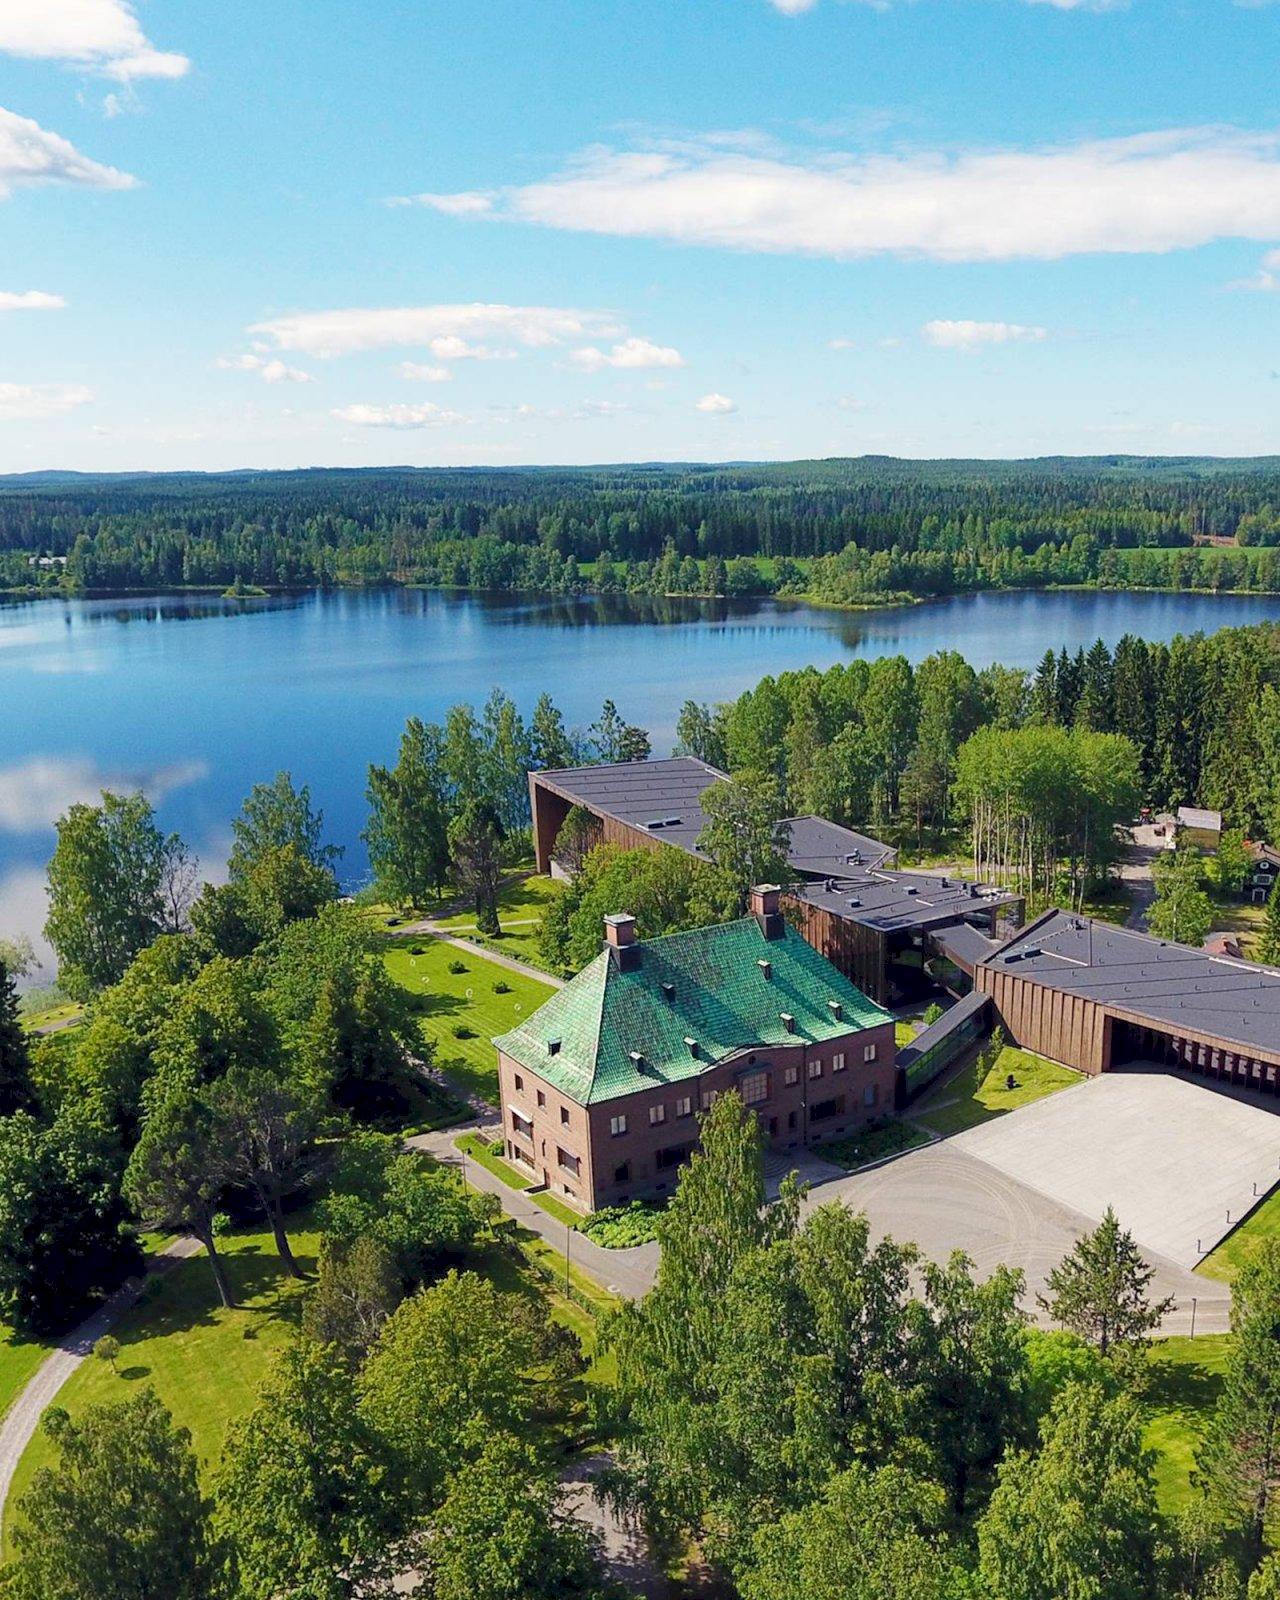 Serlachius-museo Göstan kartano sekä puinen paviljonki Melasjärven rannalla.